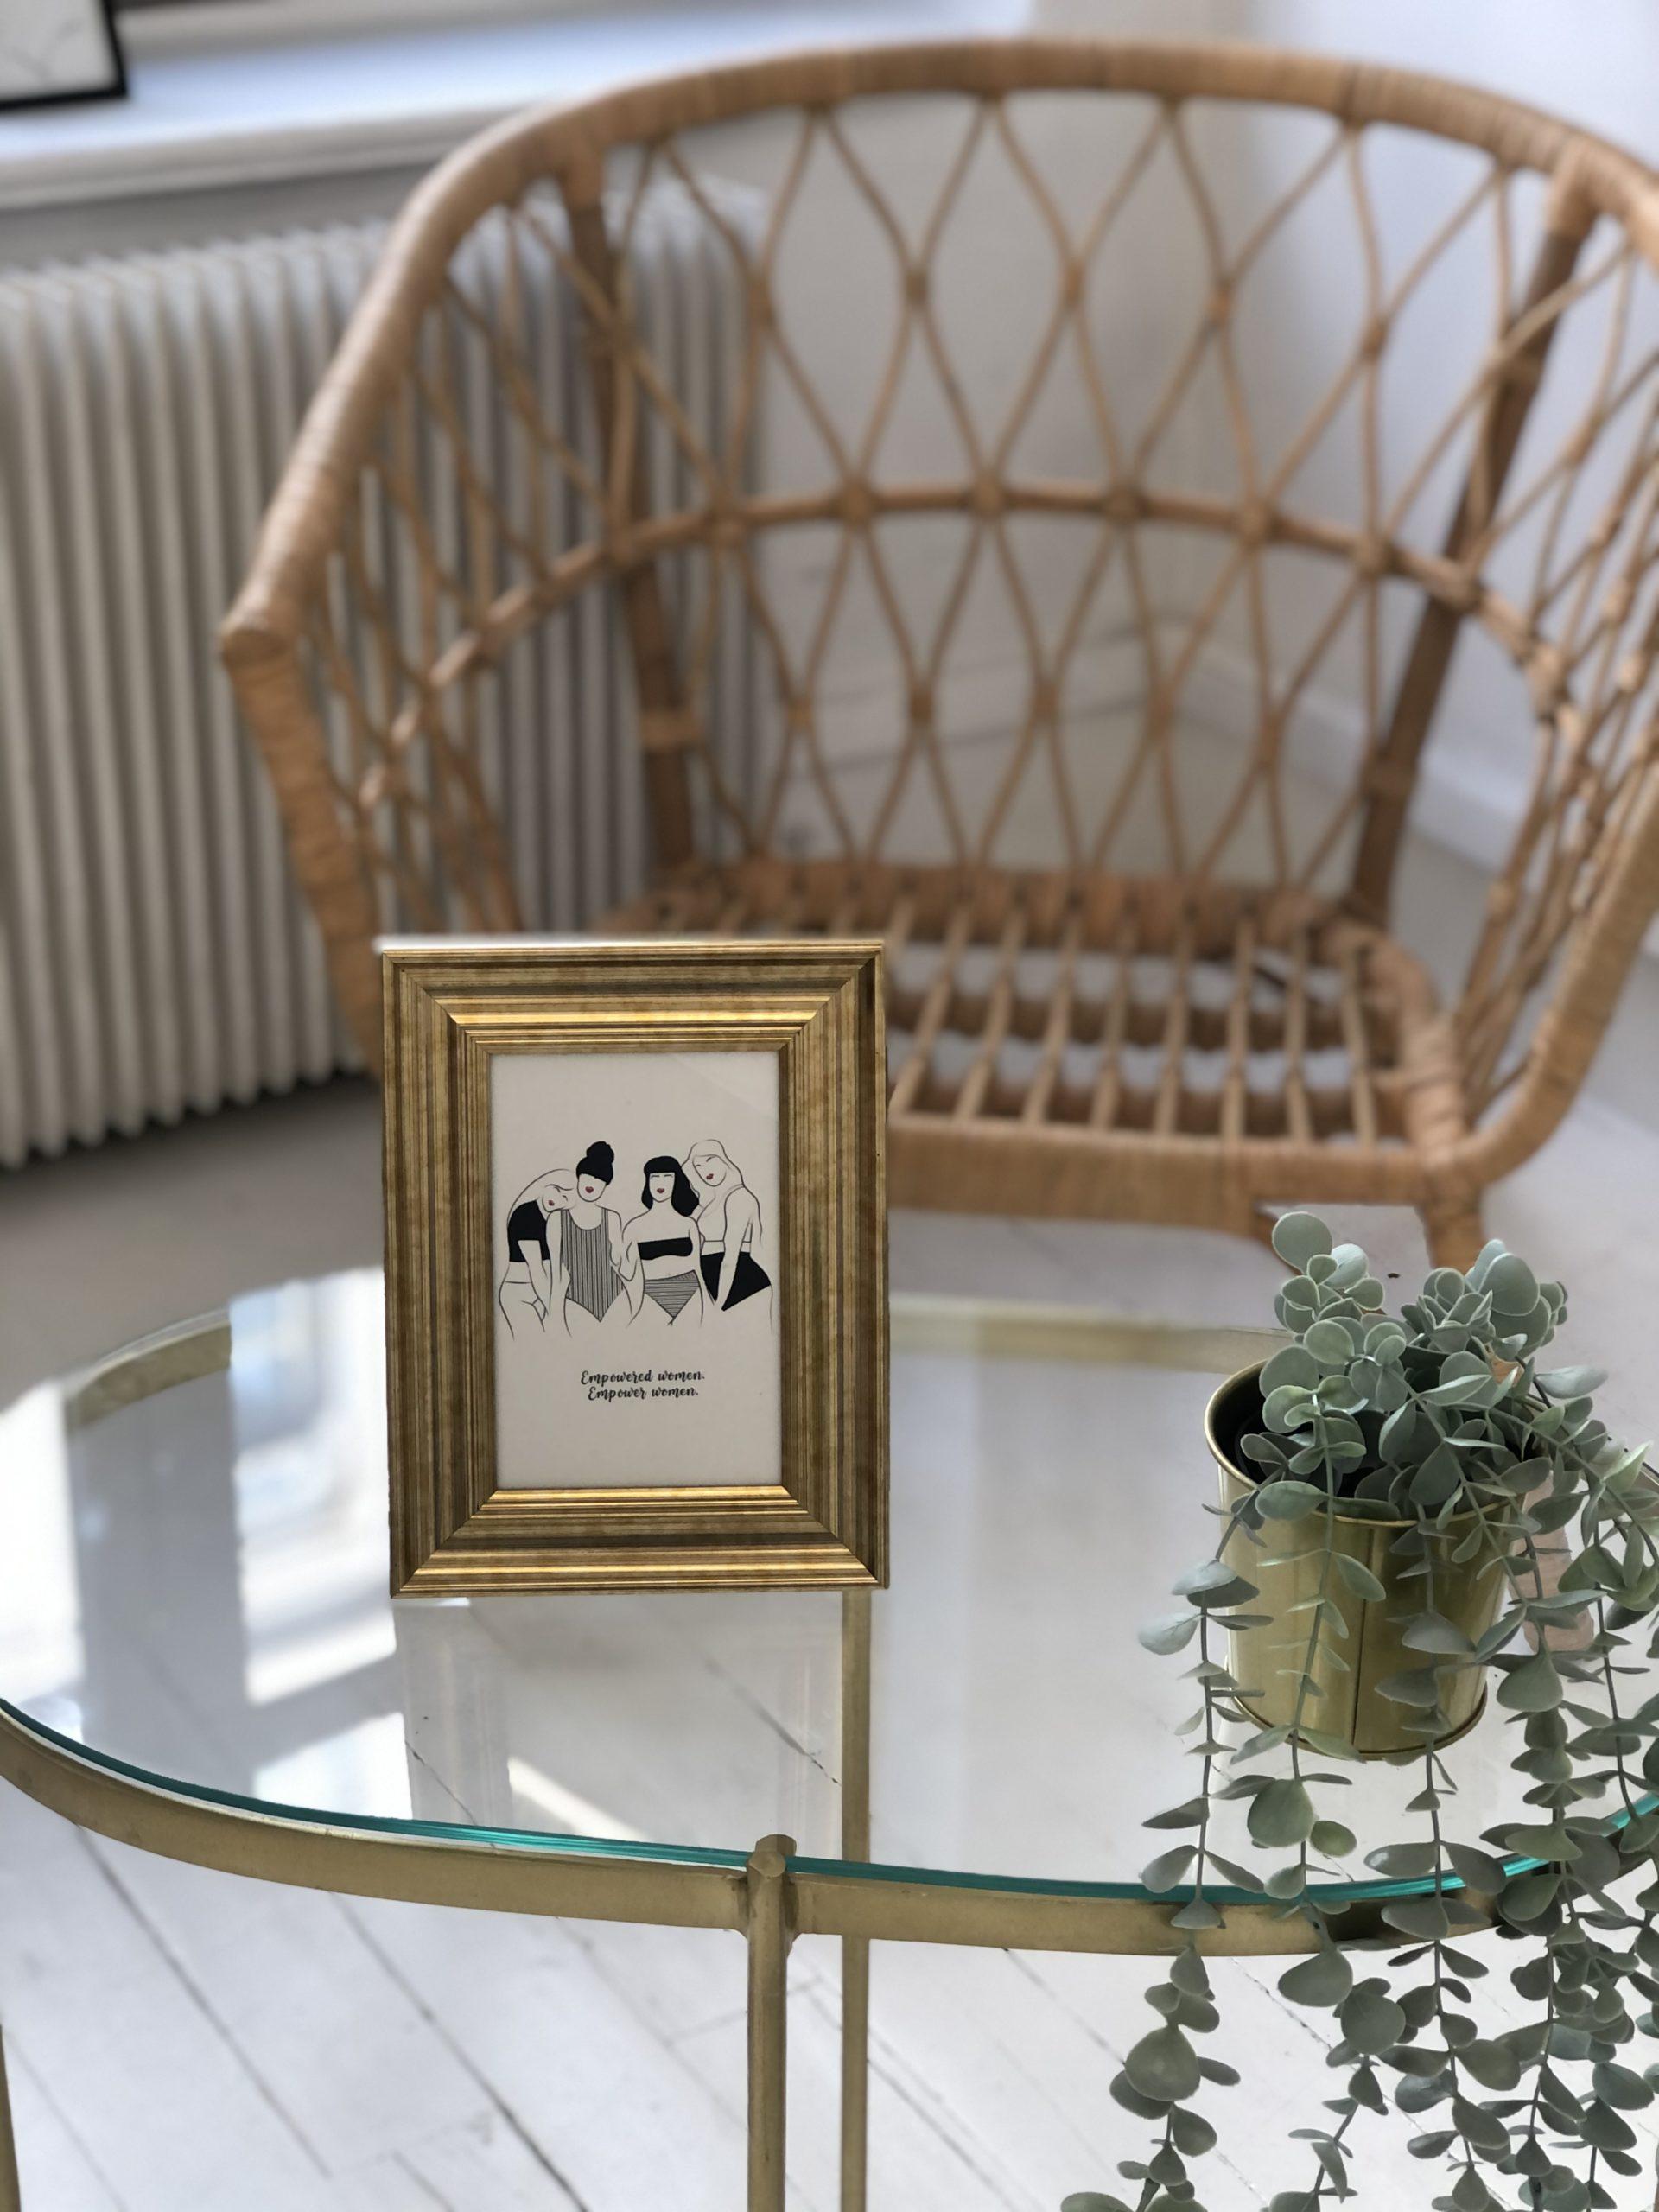 cadre dore avec la carte sororité leonor roversi sur une table en verre